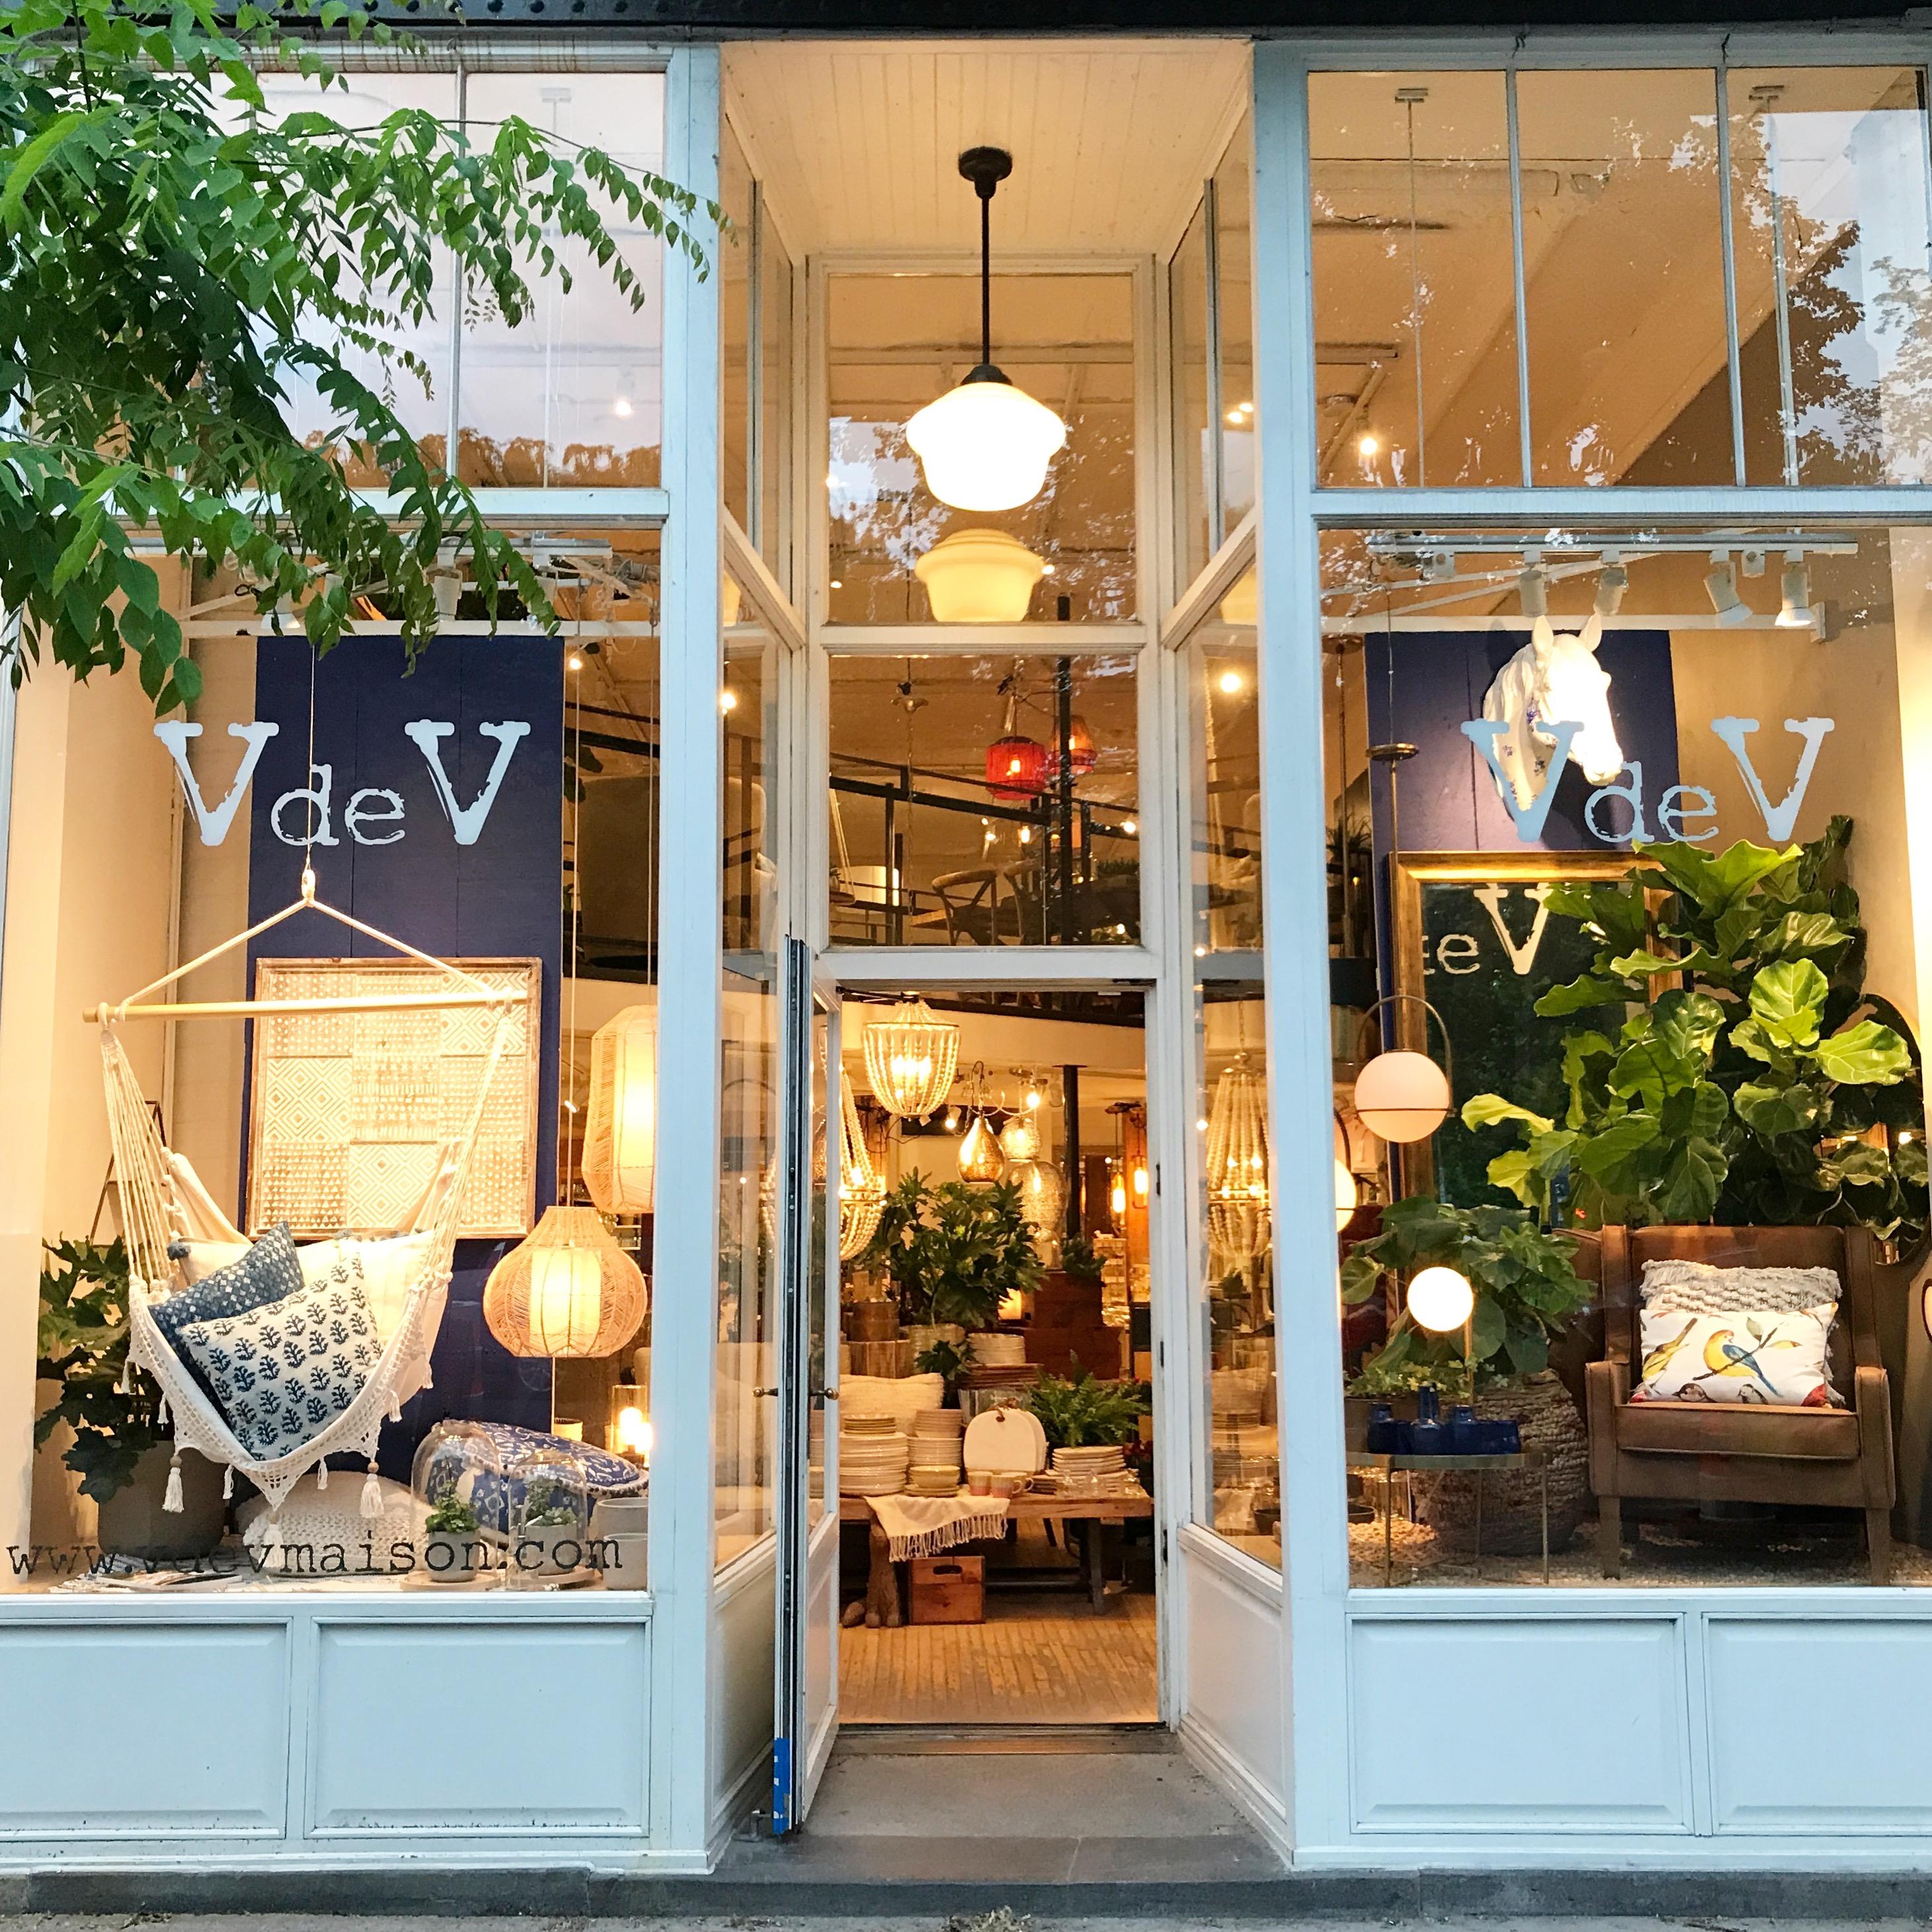 Vde V Design Shop in Mile End Neighborhood Montreal